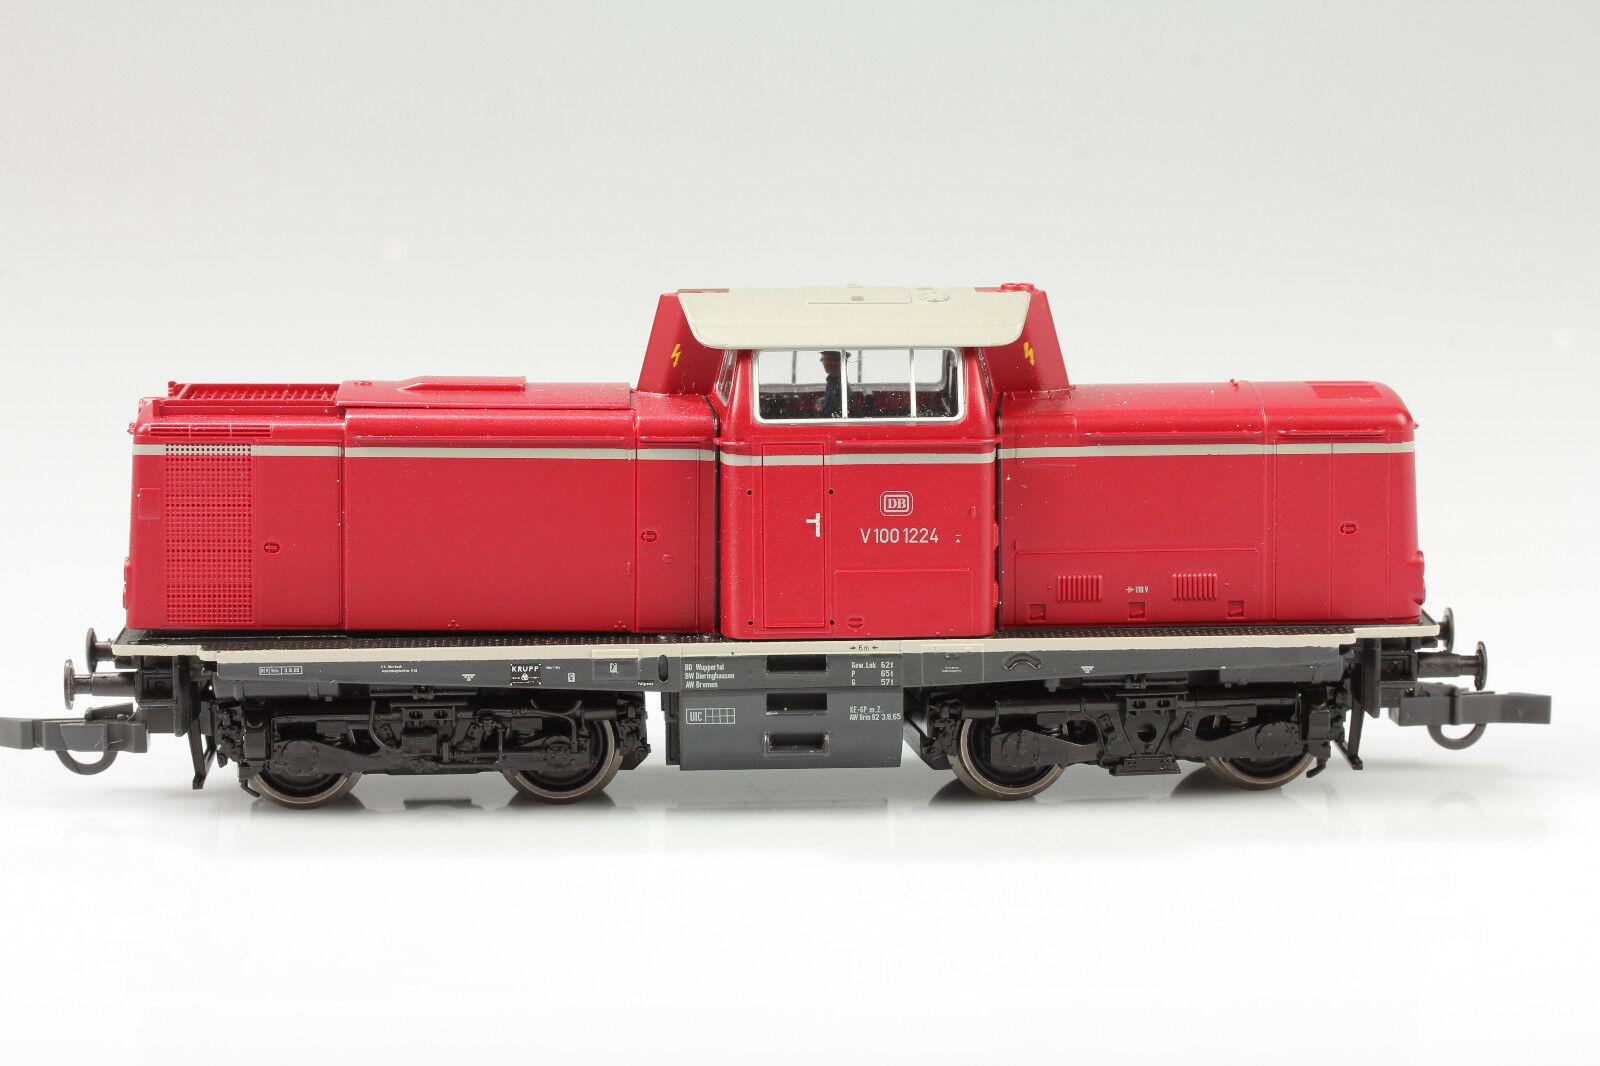 Roco H0 63417 Diesellok DB V100 1224 läuft Licht ok kaum Schmutz Kratzer  OVP  | Ermäßigung